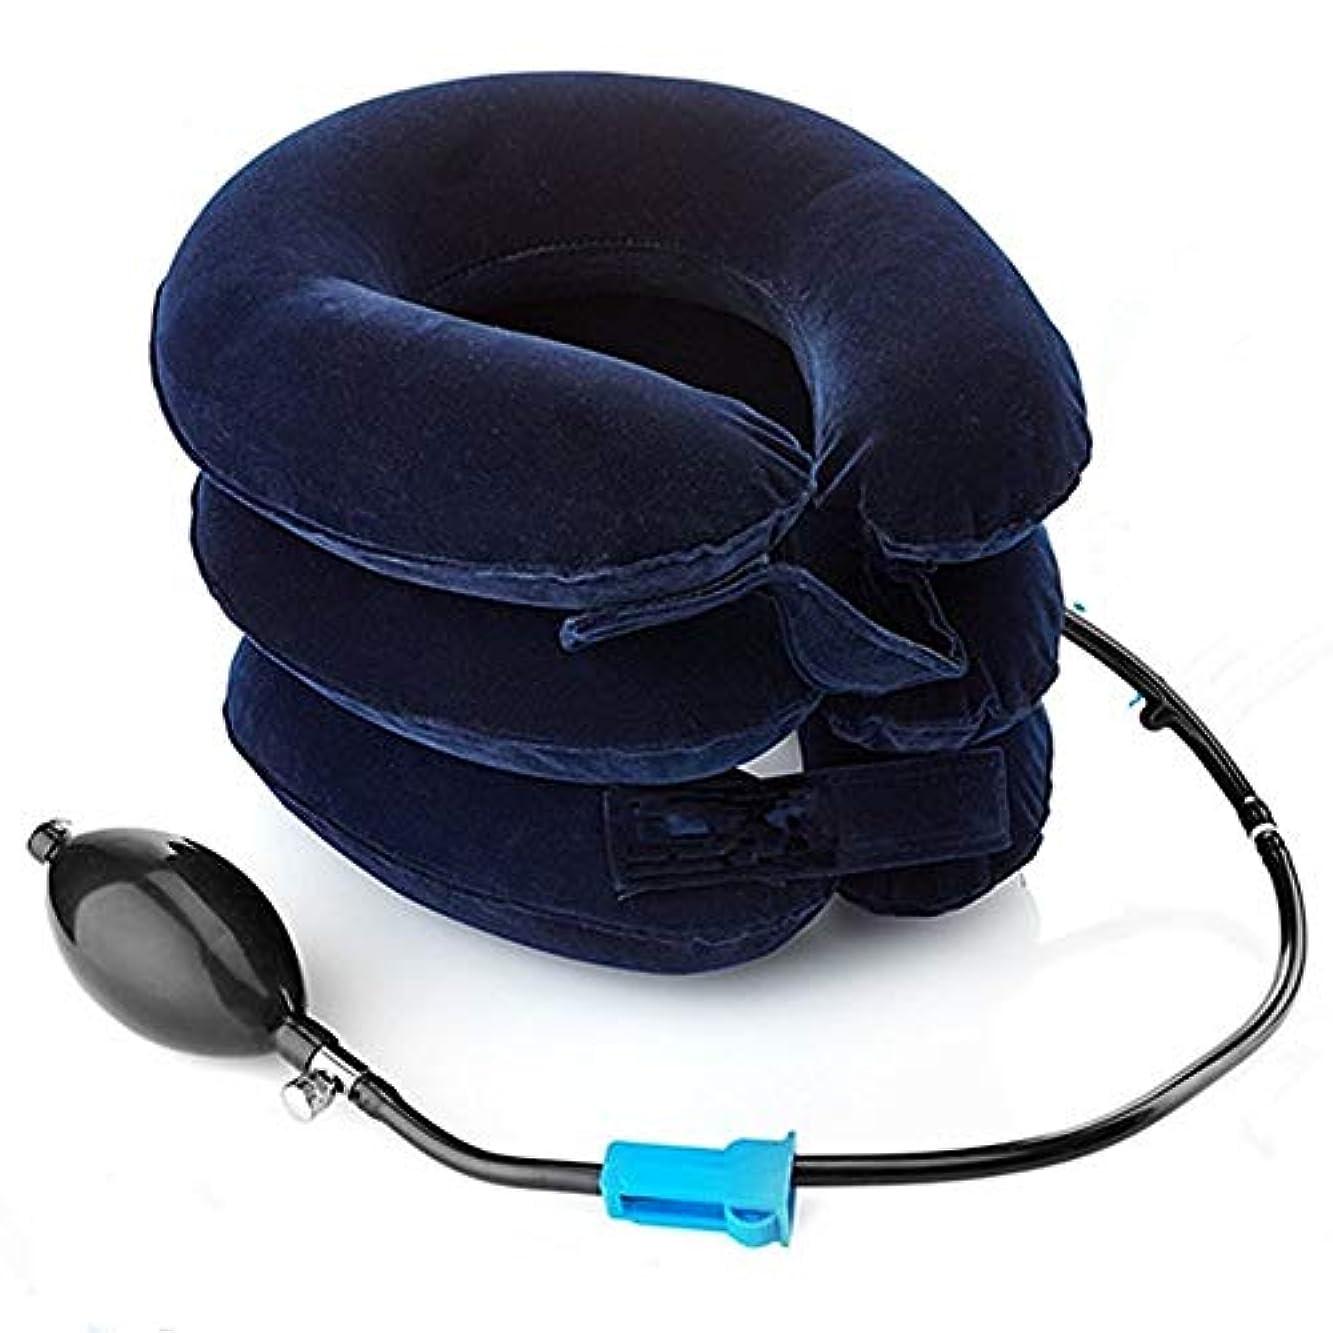 遠洋の昇るアンティーク子宮頸管牽引装置FDA登録 - ホームトラクション背骨の整列のためのインフレータブル&調節可能なネックストレッチャーカラー